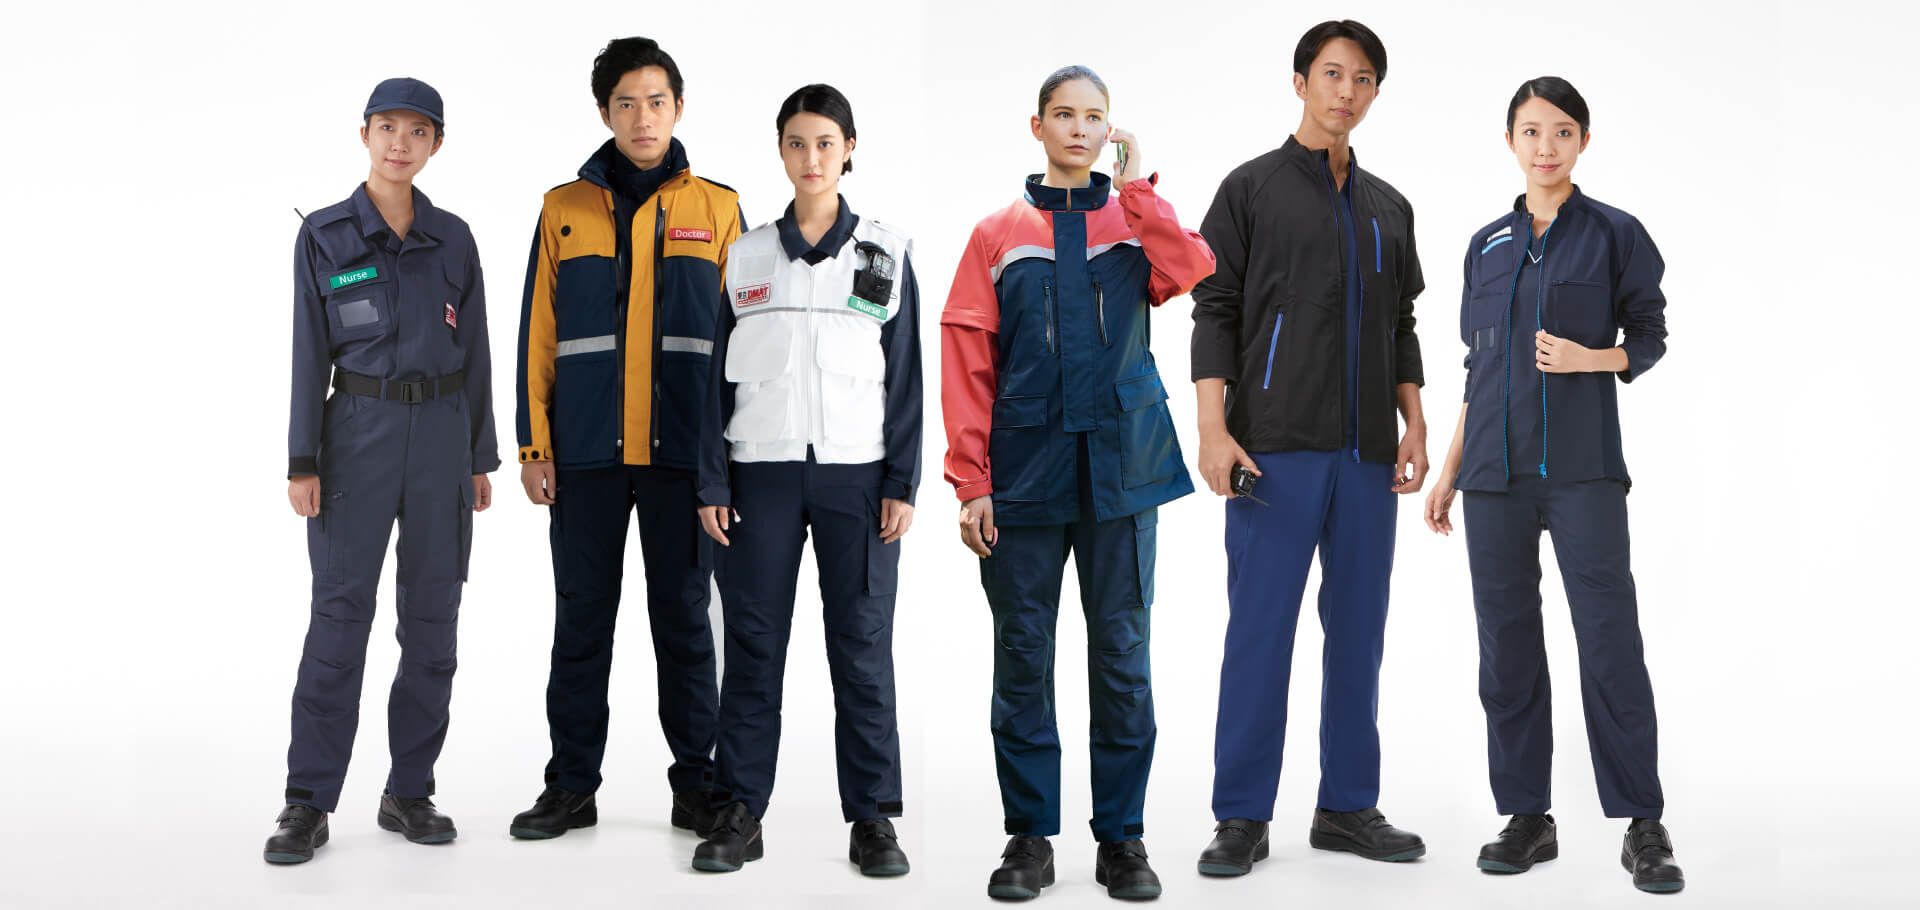 「プロを輝かせる服」を届ける【営業職】★ユニフォームメーカーのカバー写真